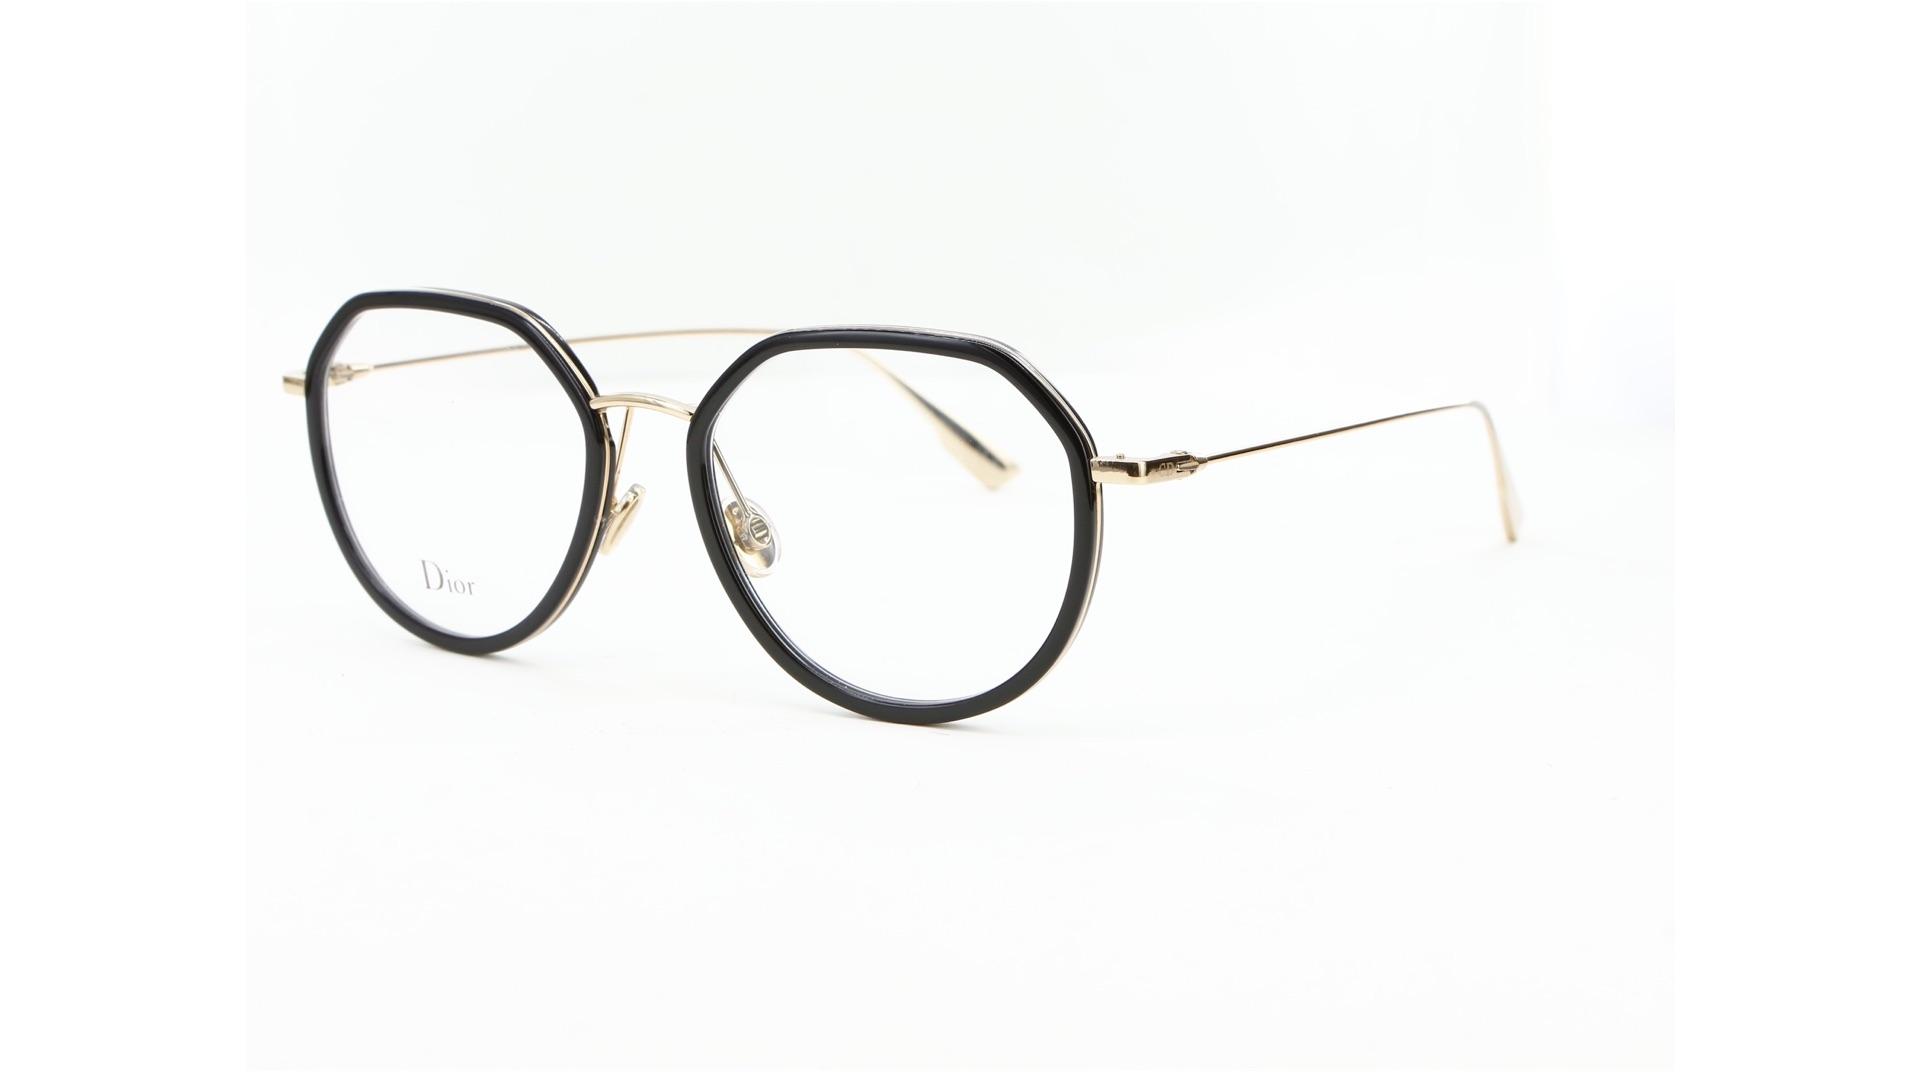 Dior - ref: 81613